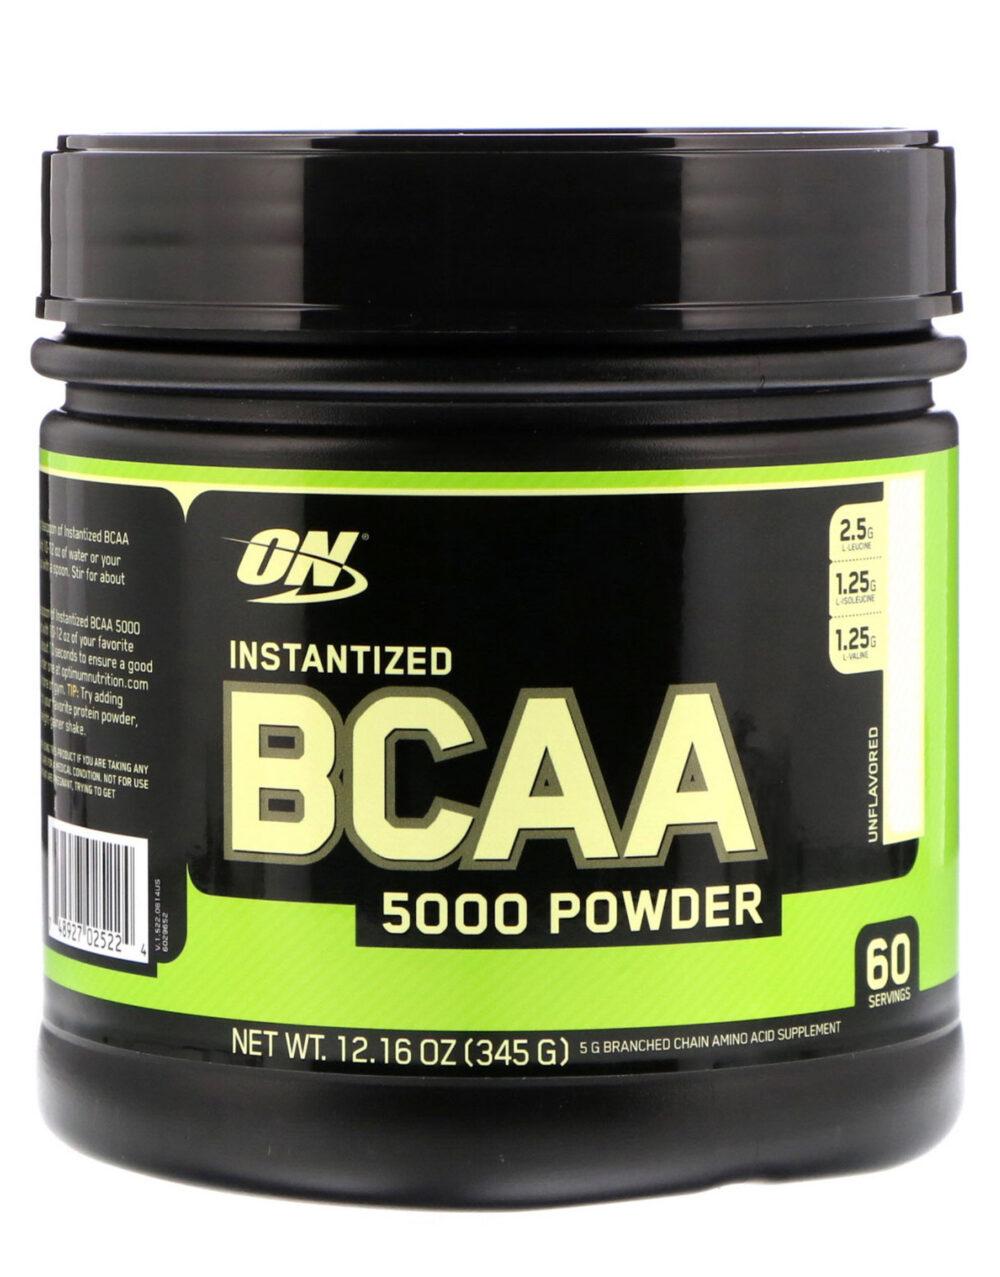 5 Beneficios comprobados de los BCAA (aminoácidos de cadena ramificada)